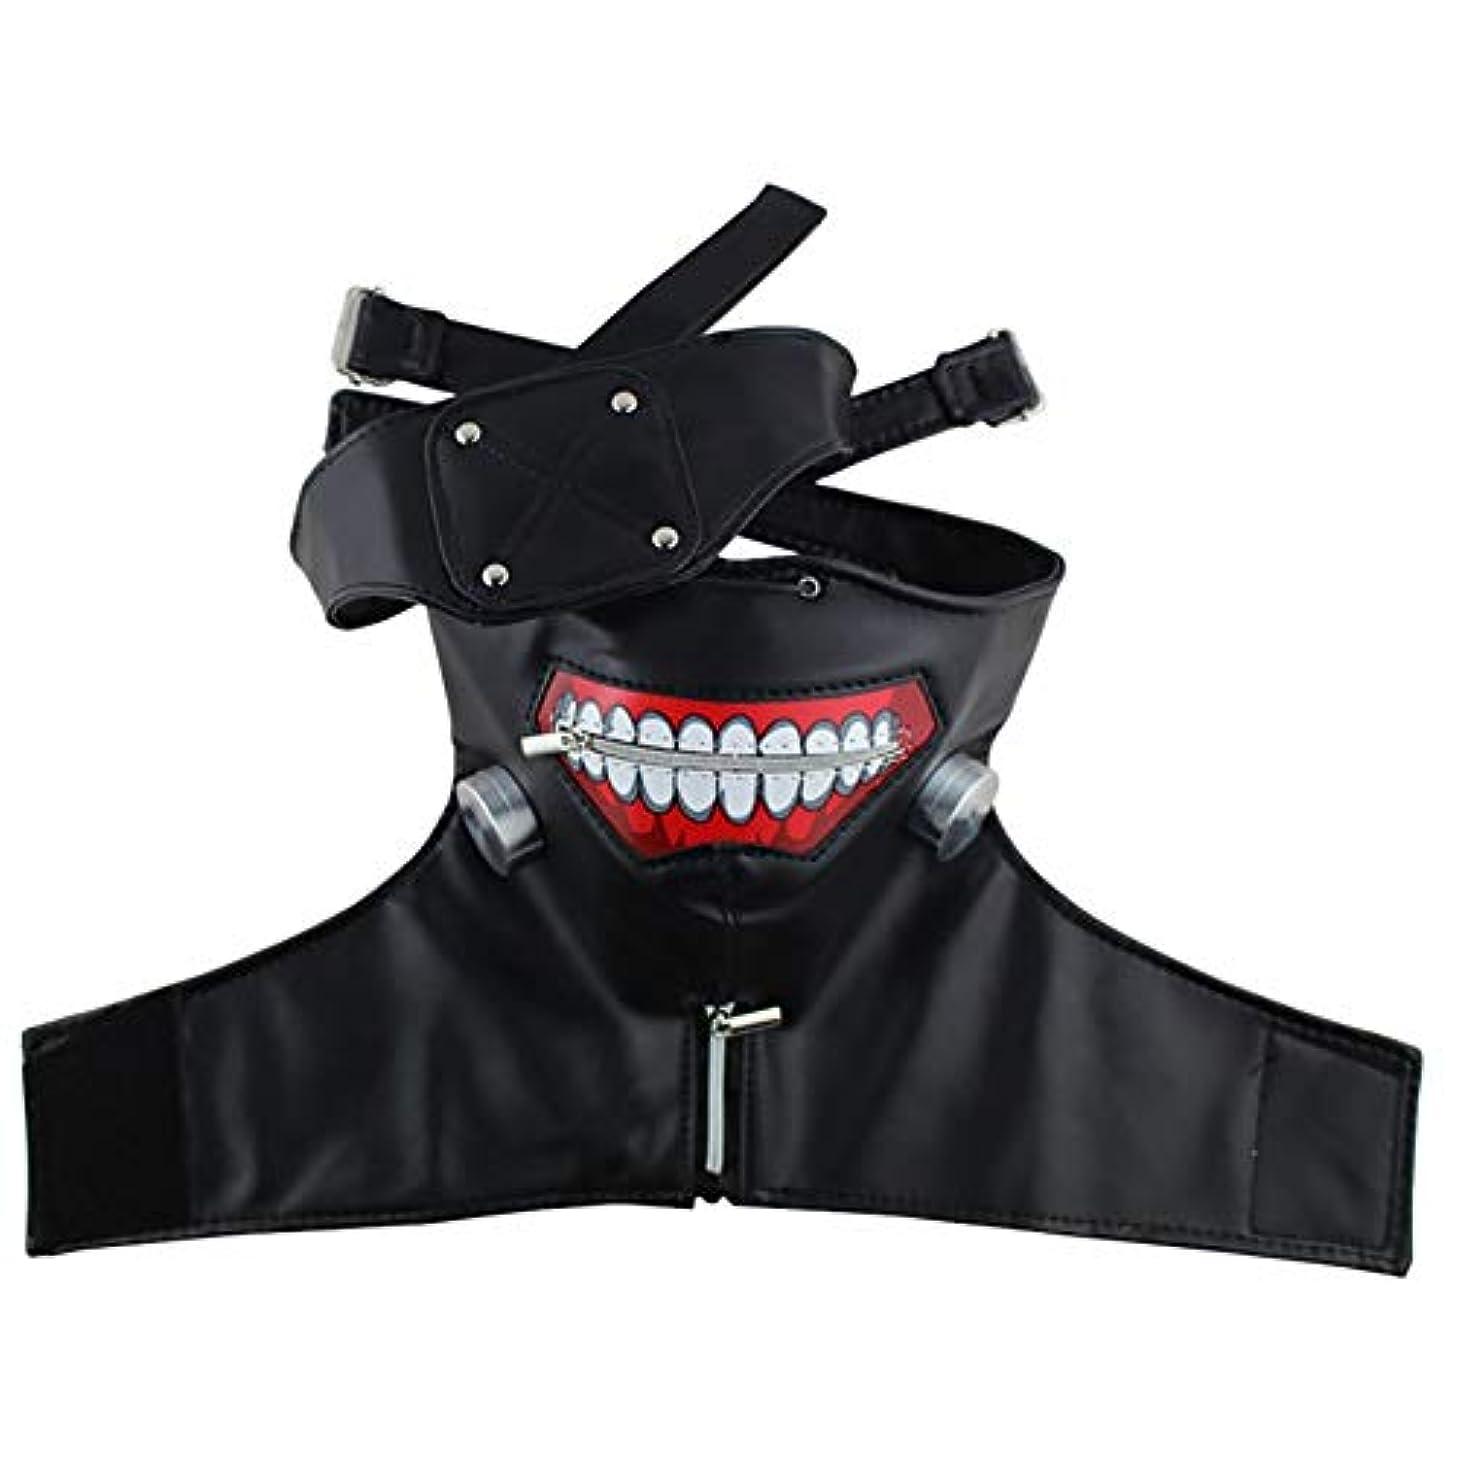 予定頑丈中古Esolom 東京マスク 3D PUレザーマスク 調整可能なジッパー衣装小道具 アニメ ゴールデンウッドマスク ハロウィンロールプレイング